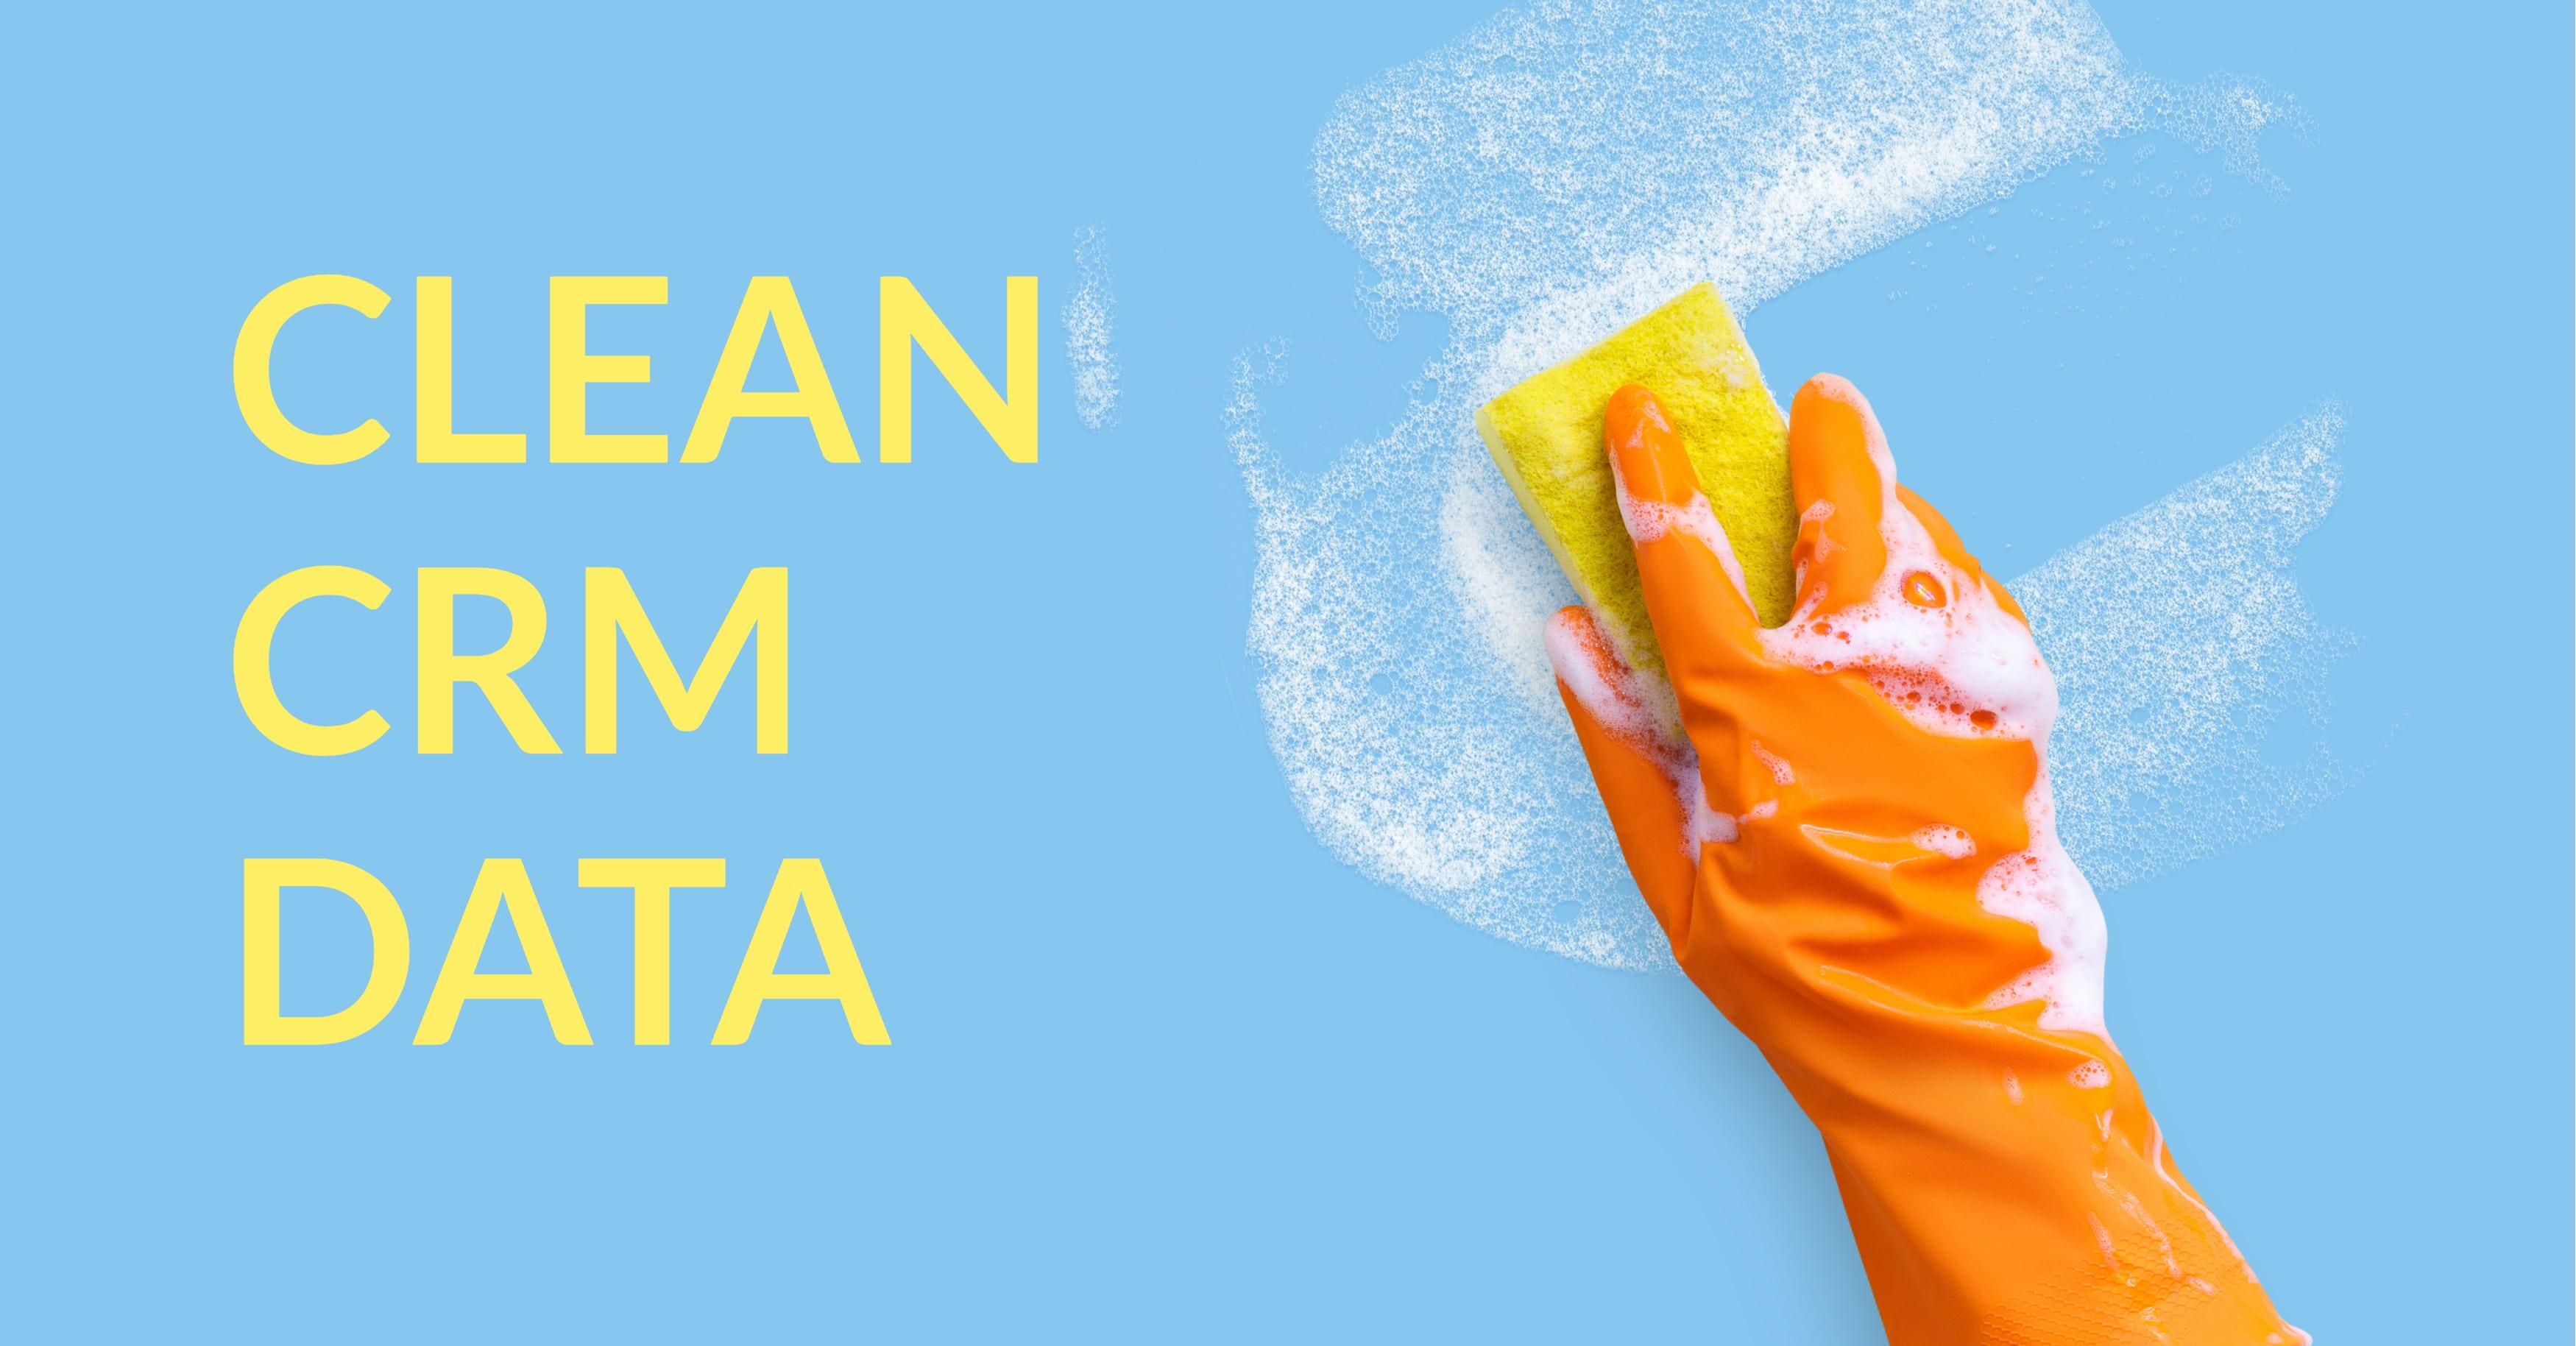 Clean CRM Data